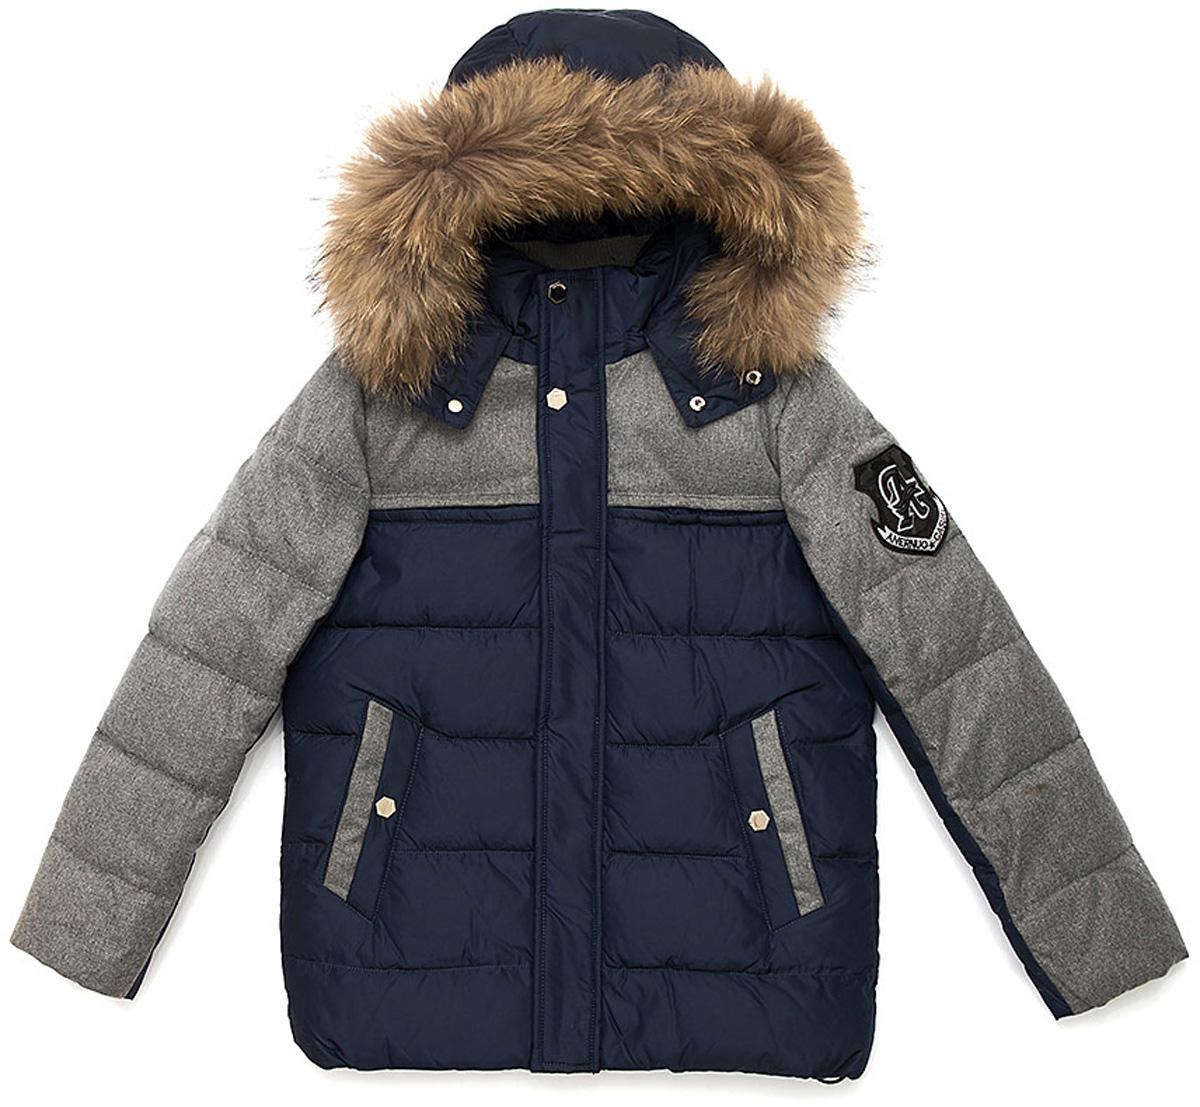 Куртка для мальчика Vitacci, цвет: синий. 1171484-04. Размер 1601171484-04Куртка для мальчика. Капюшон съемный, отделка из натурального меха. Подкладка дополнительно утеплена флисом по спинке. Наполнитель БИО ПУХ. Температурный режим от -10°С до -25°С